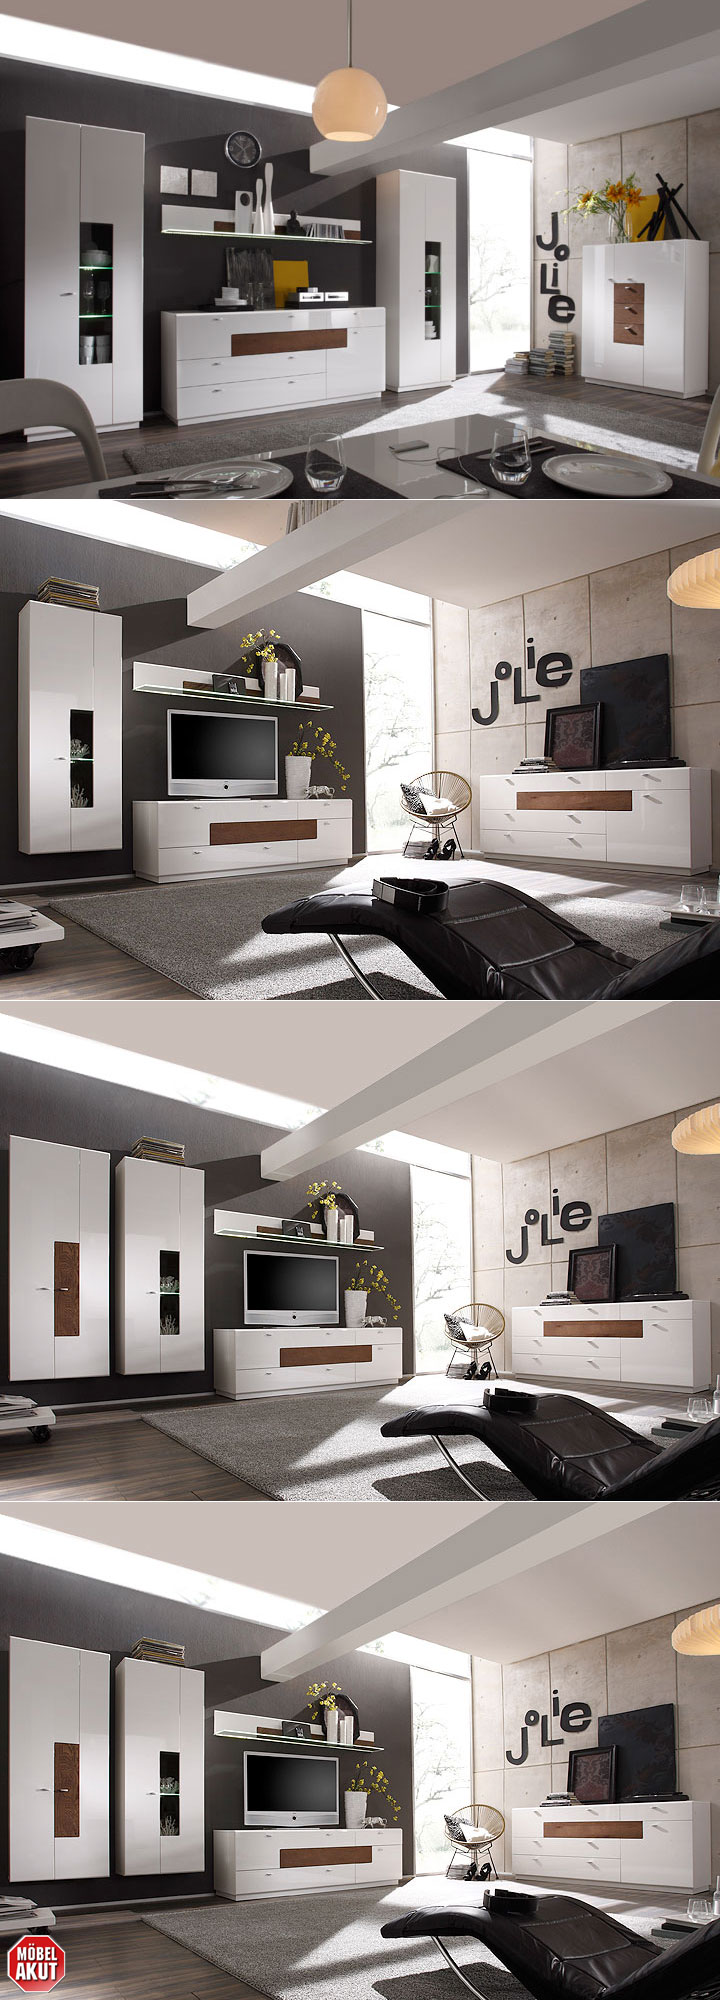 programm gap achten sie auf unsere anderen angebote. Black Bedroom Furniture Sets. Home Design Ideas